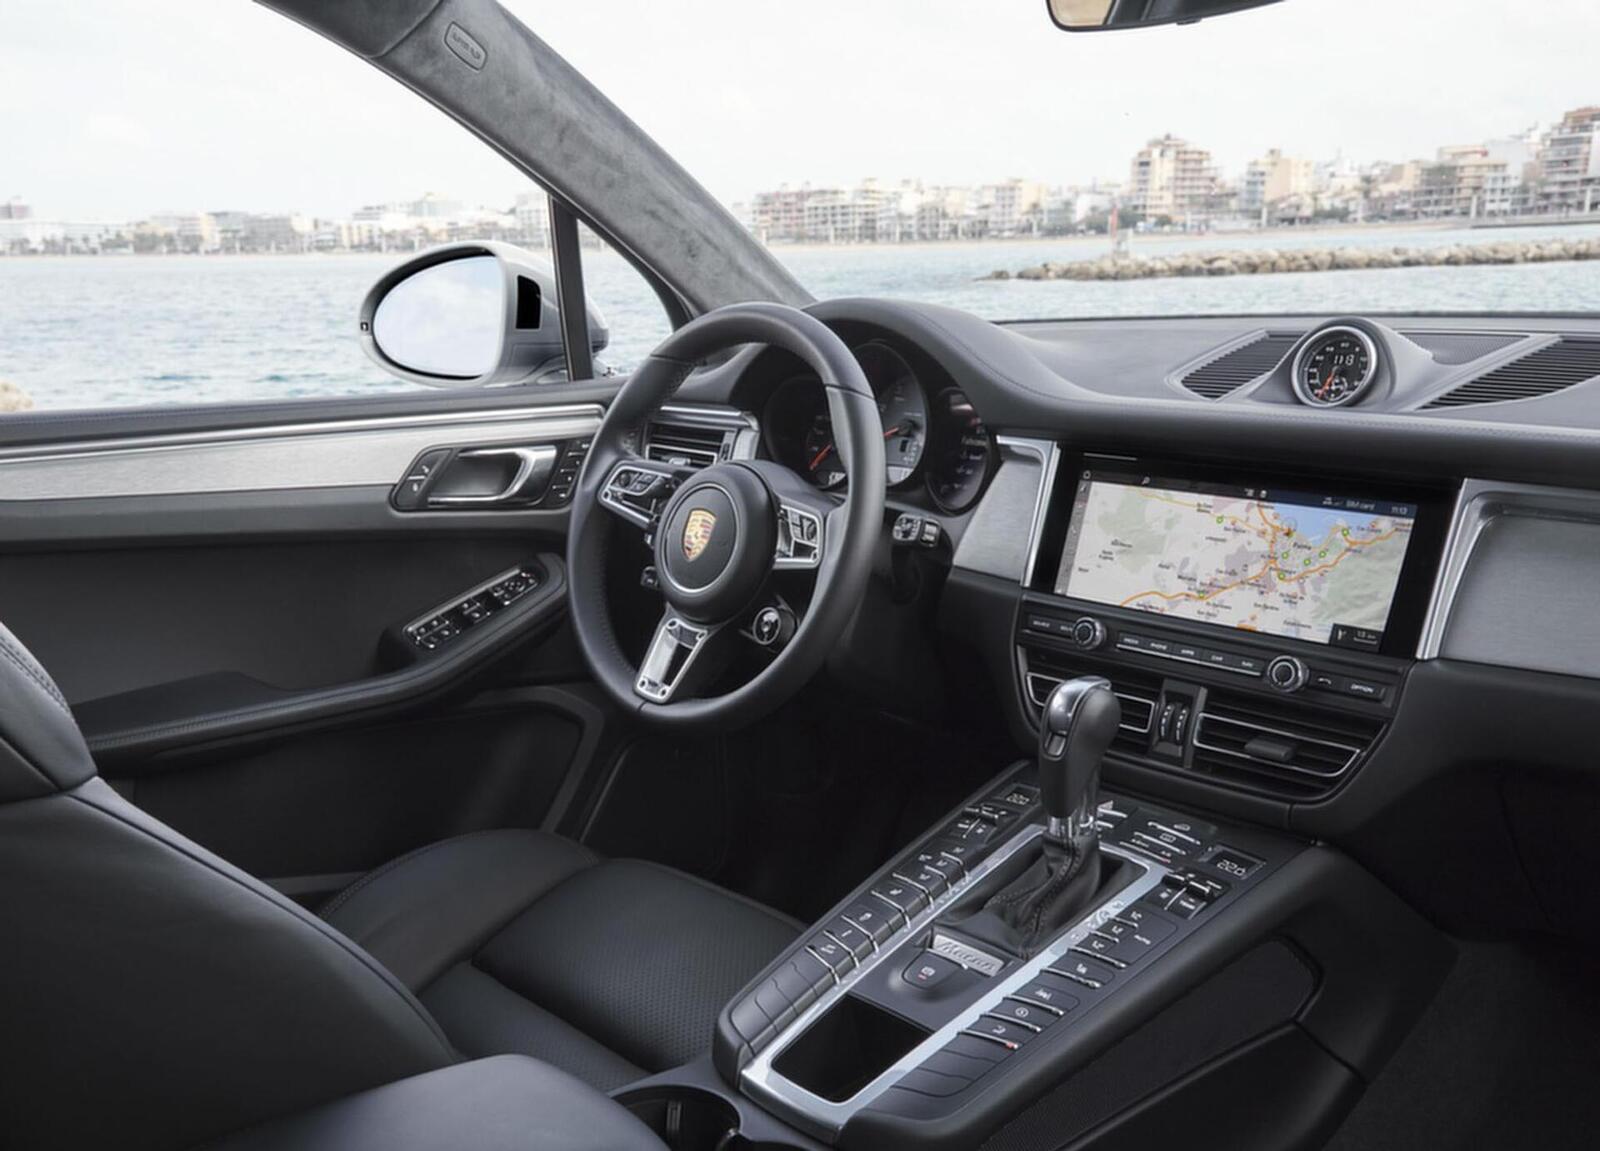 Porsche Macan S 2019 có giá 3,62 tỷ đồng tại Việt Nam; lắp máy V6 3.0L tăng áp mạnh mẽ - Hình 4